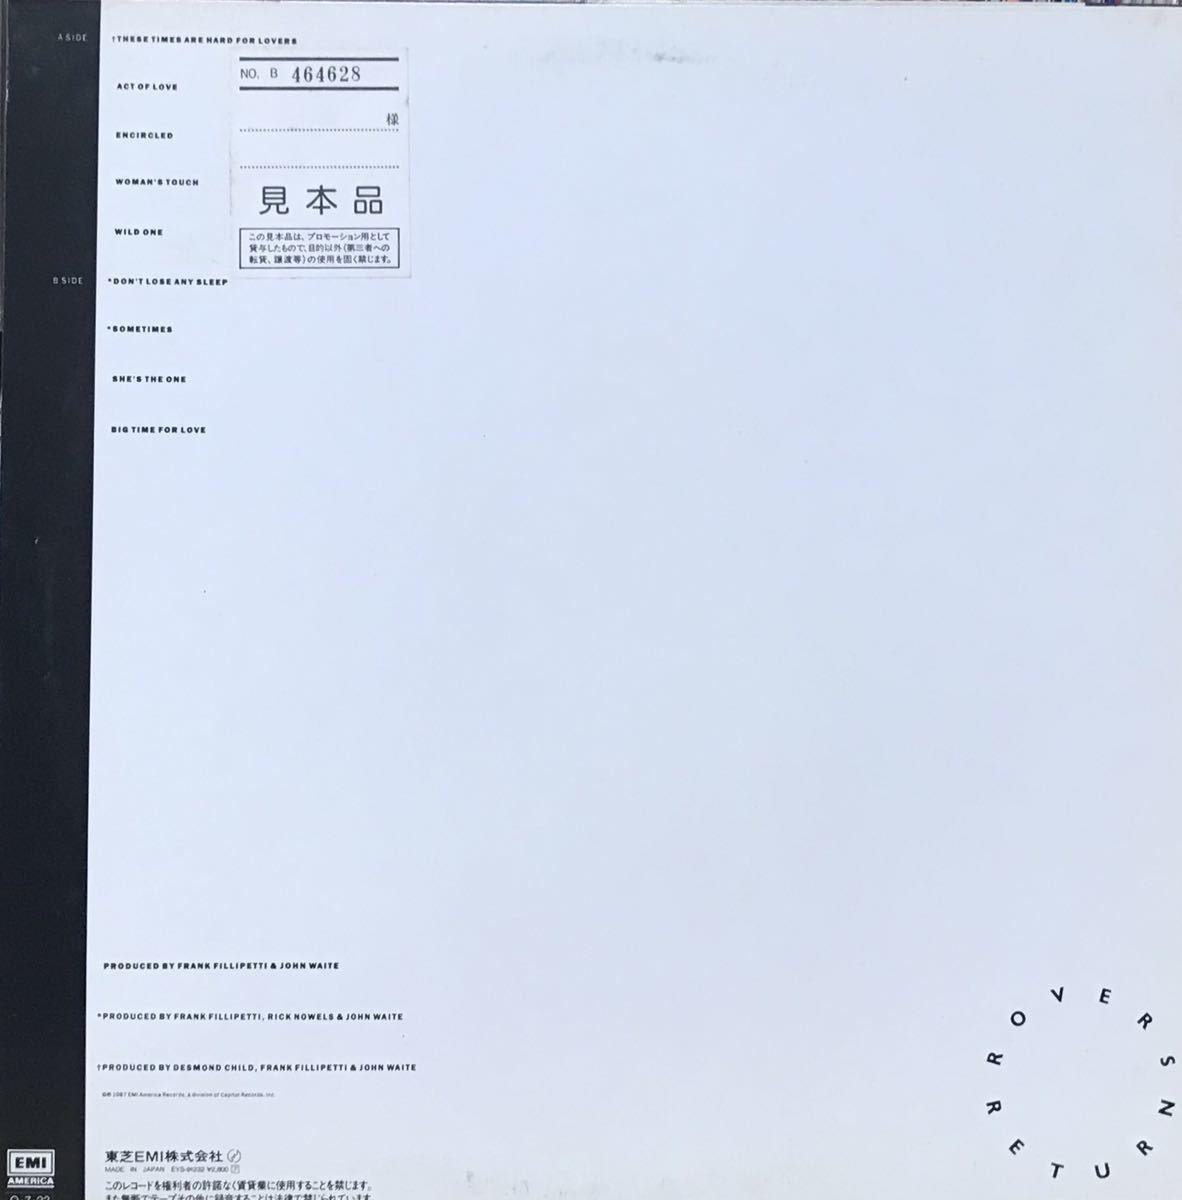 見本盤 JOHN WAITE / ROVER'S RETURN アルバム 12inchサイズのレコード その他にもプロモーション盤 レア盤 人気レコード 多数出品中_画像4